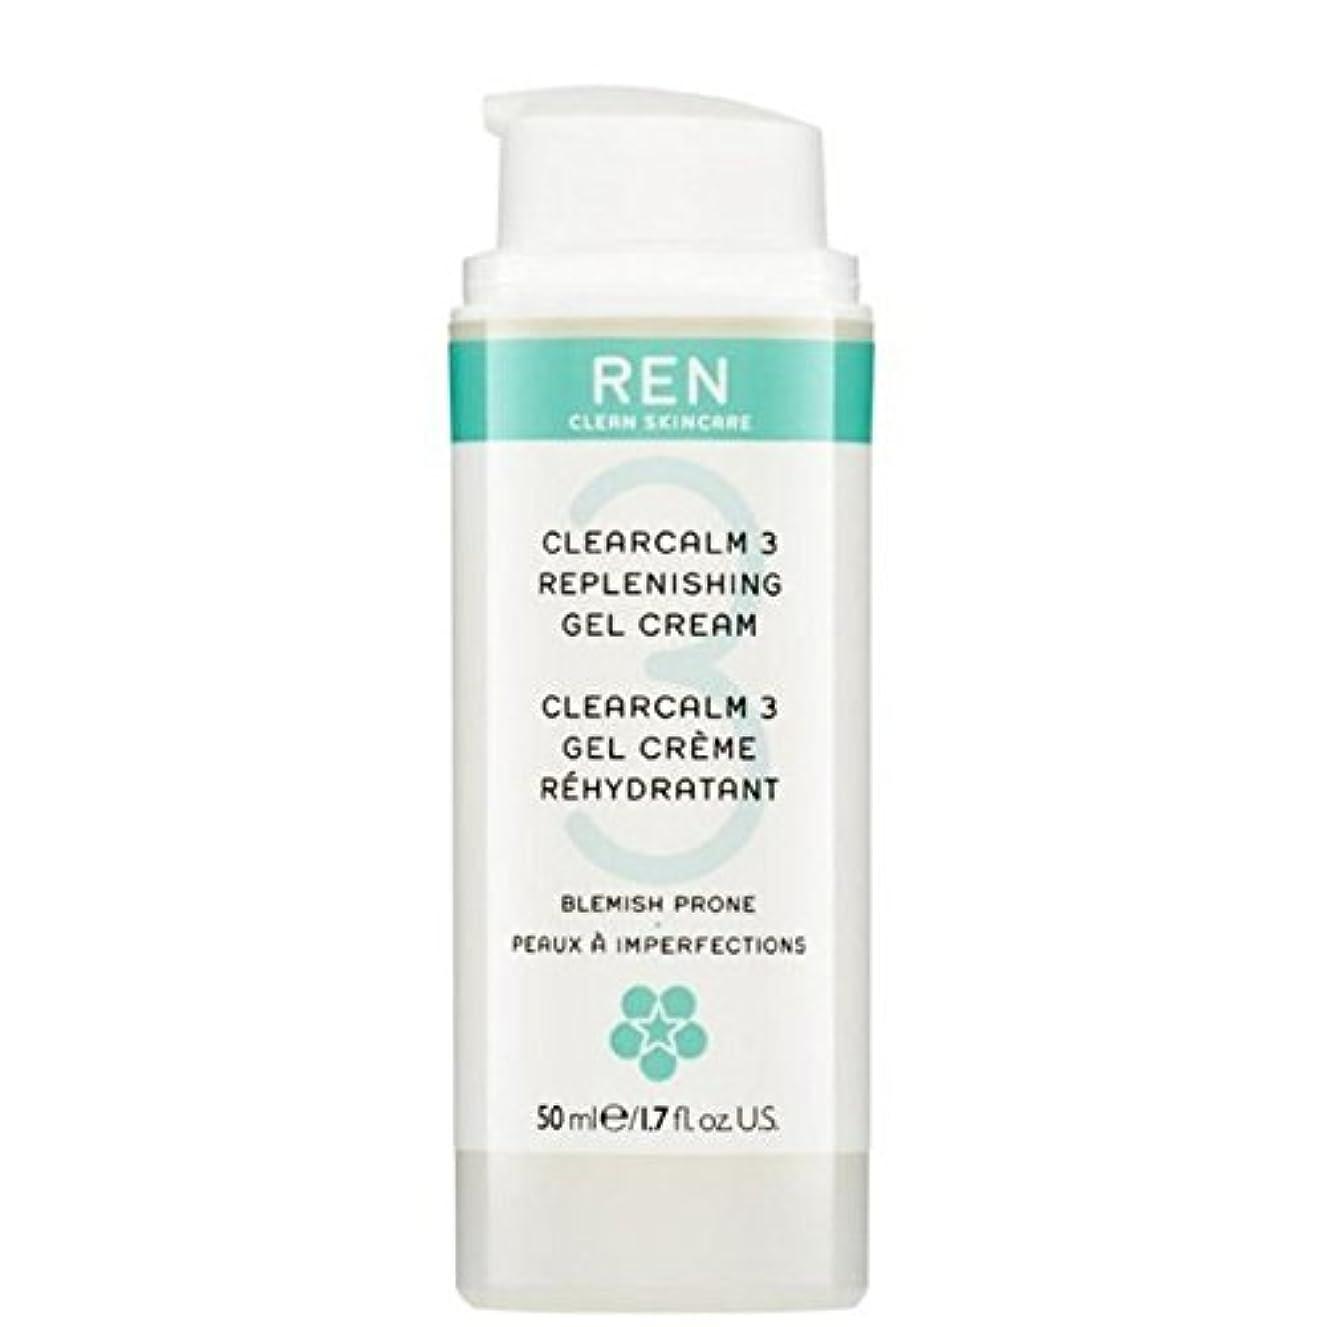 抜粋スラックぼかし3補給ゲルクリーム x4 - REN Clearcalm 3 Replenishing Gel Cream (Pack of 4) [並行輸入品]